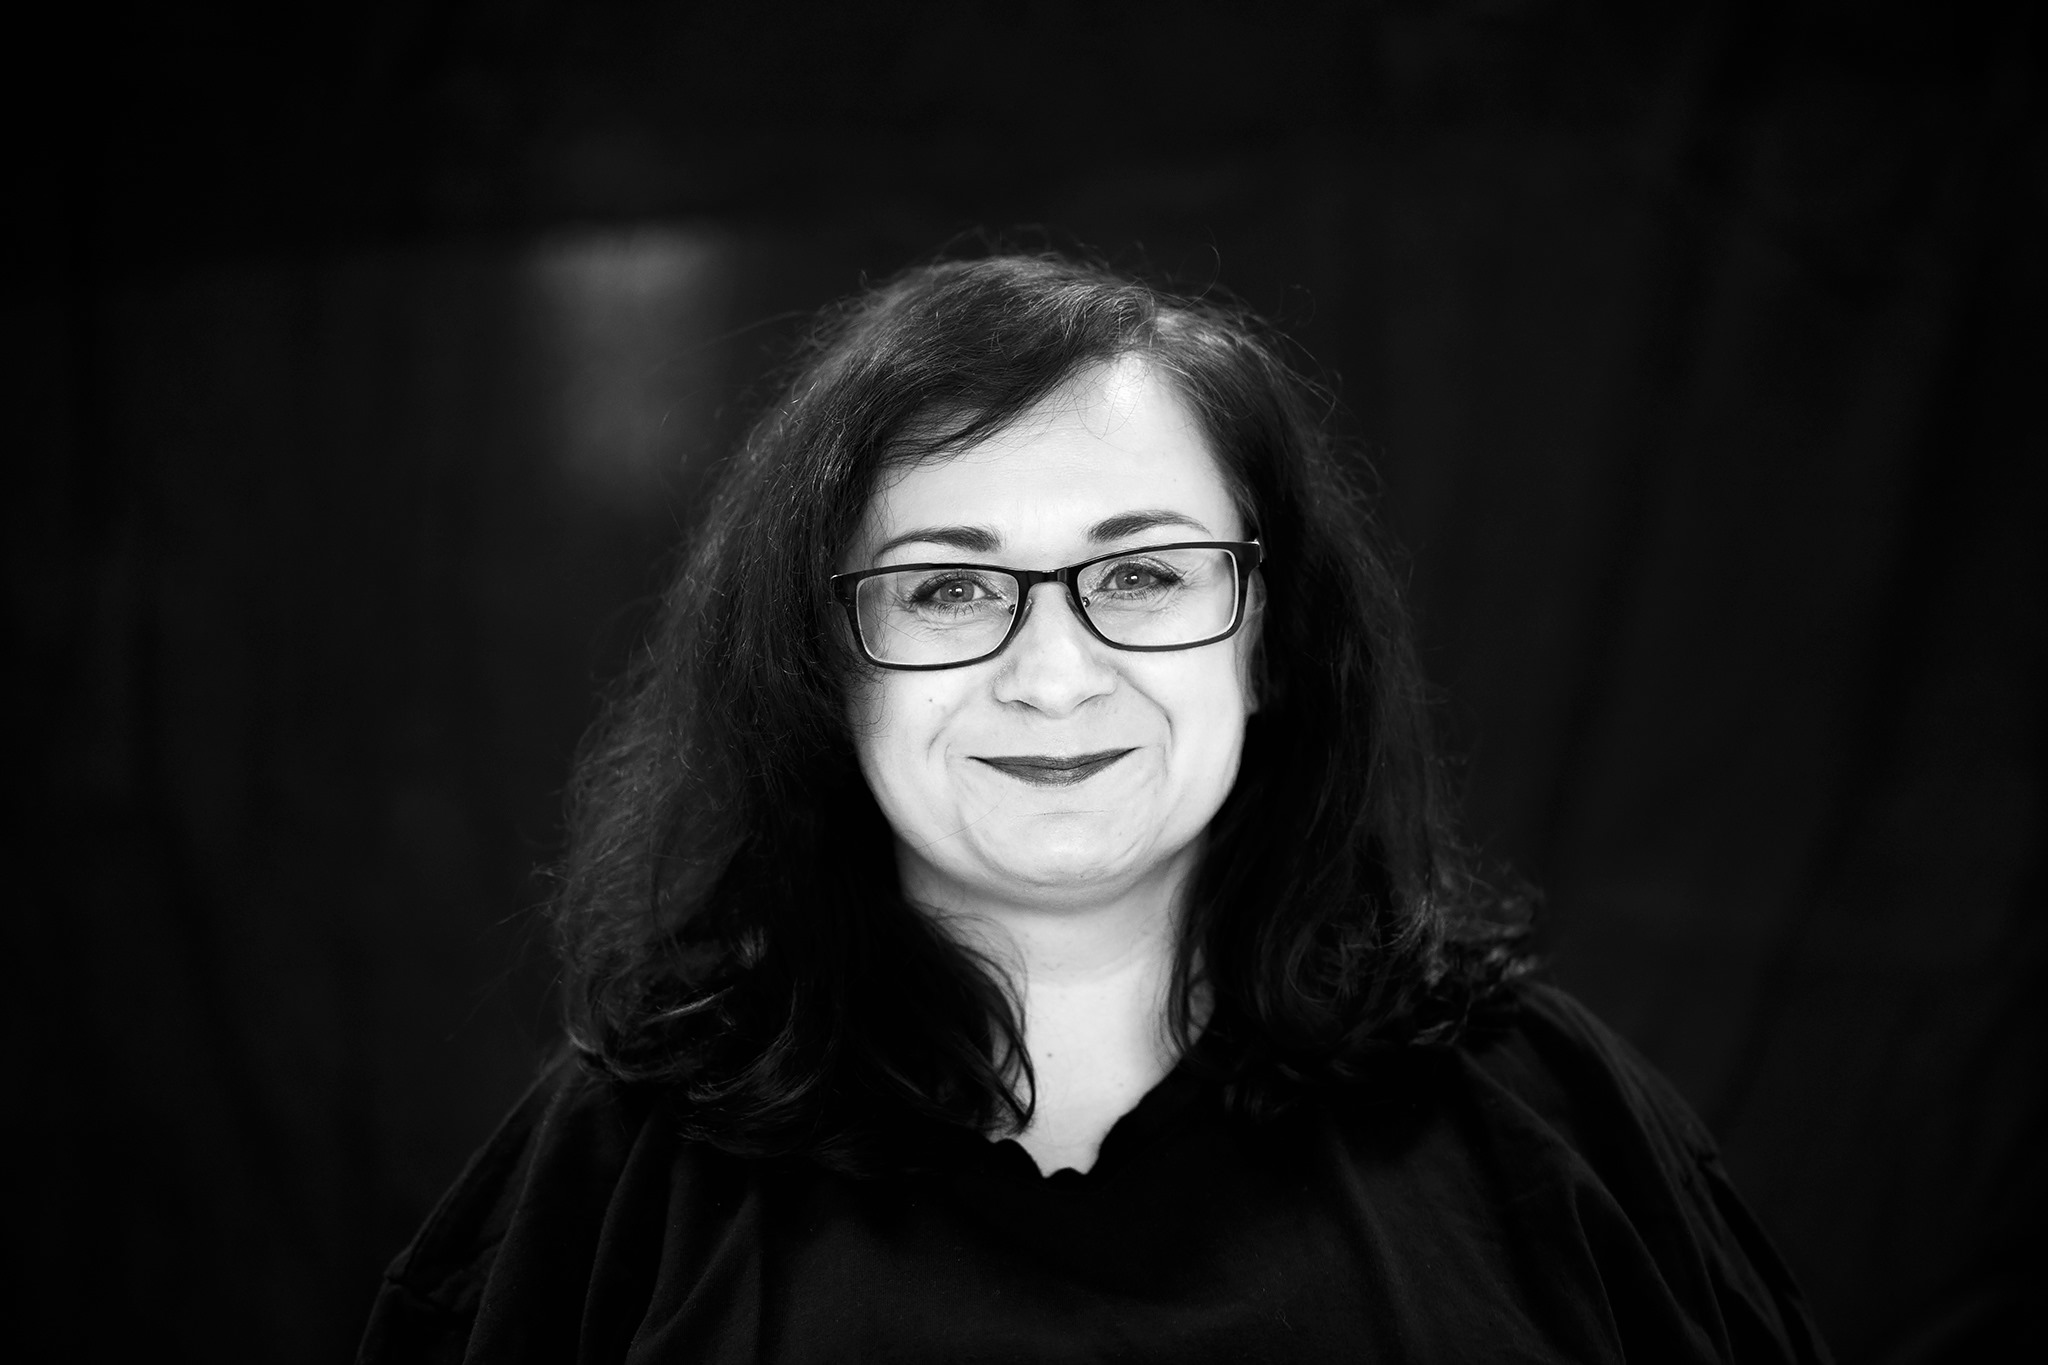 Zdeňka Nyklíčková (Kovalová)